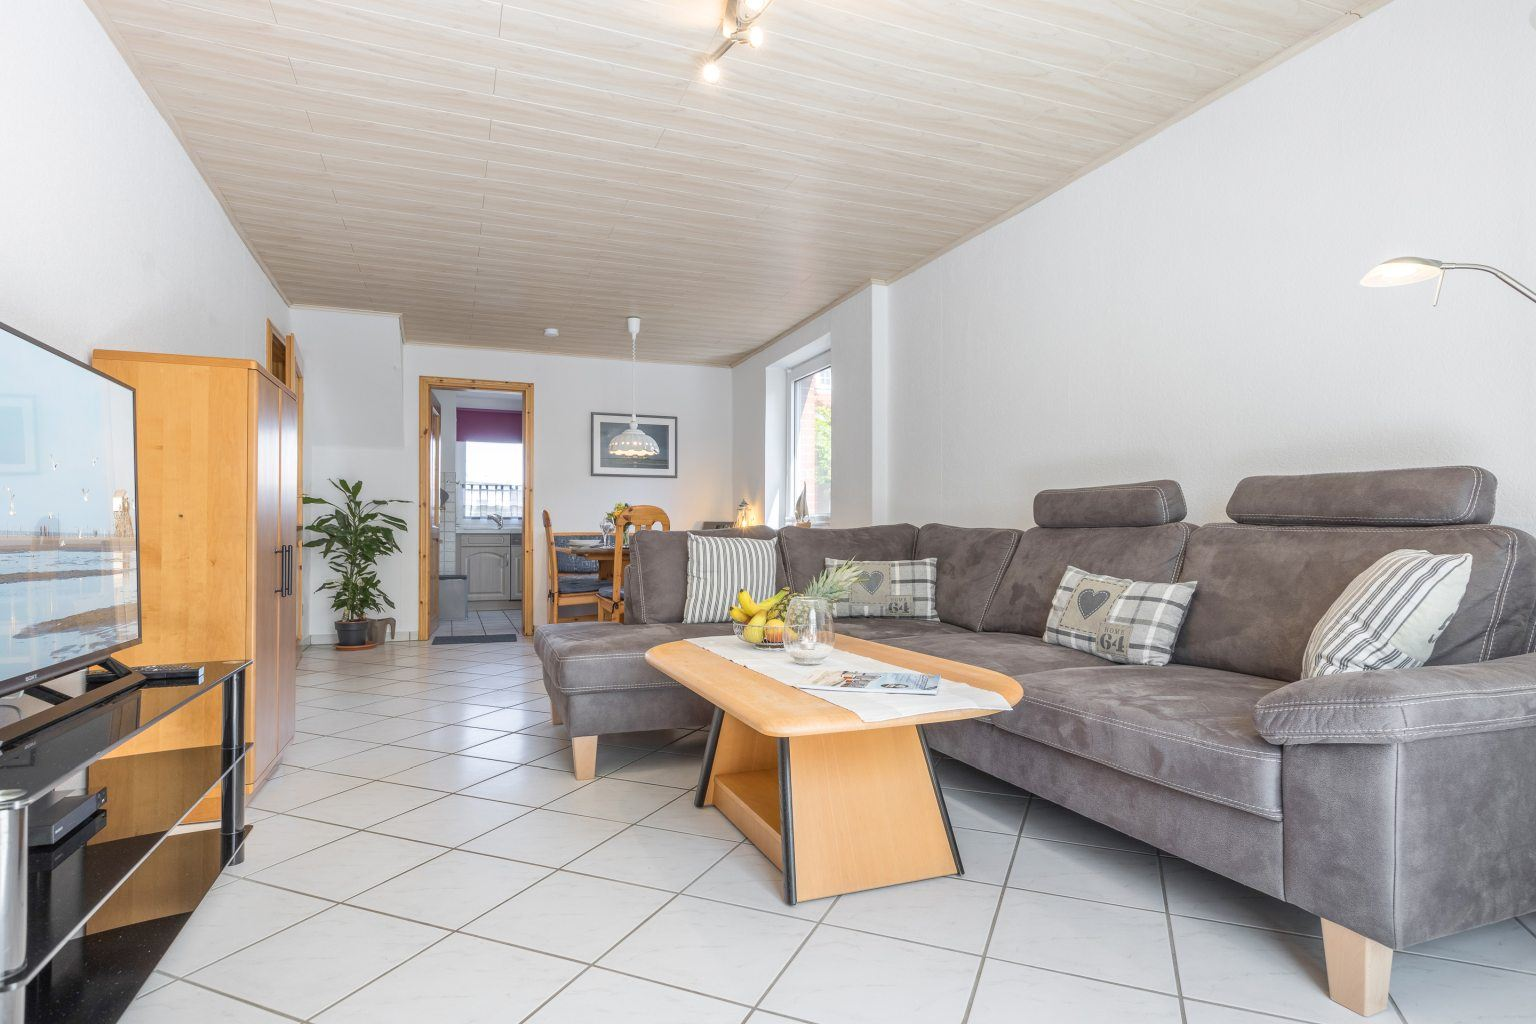 Wohnzimmer - Haus Sturmmoewe, Wohnung 4, Badallee 27-27a, St. Peter-Dorf